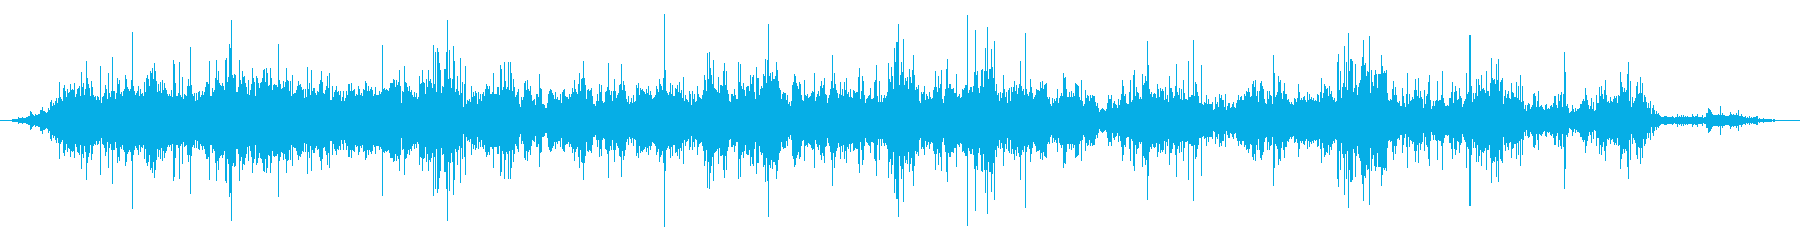 地下のウォーターガイザー:ヘビーイ...の再生済みの波形